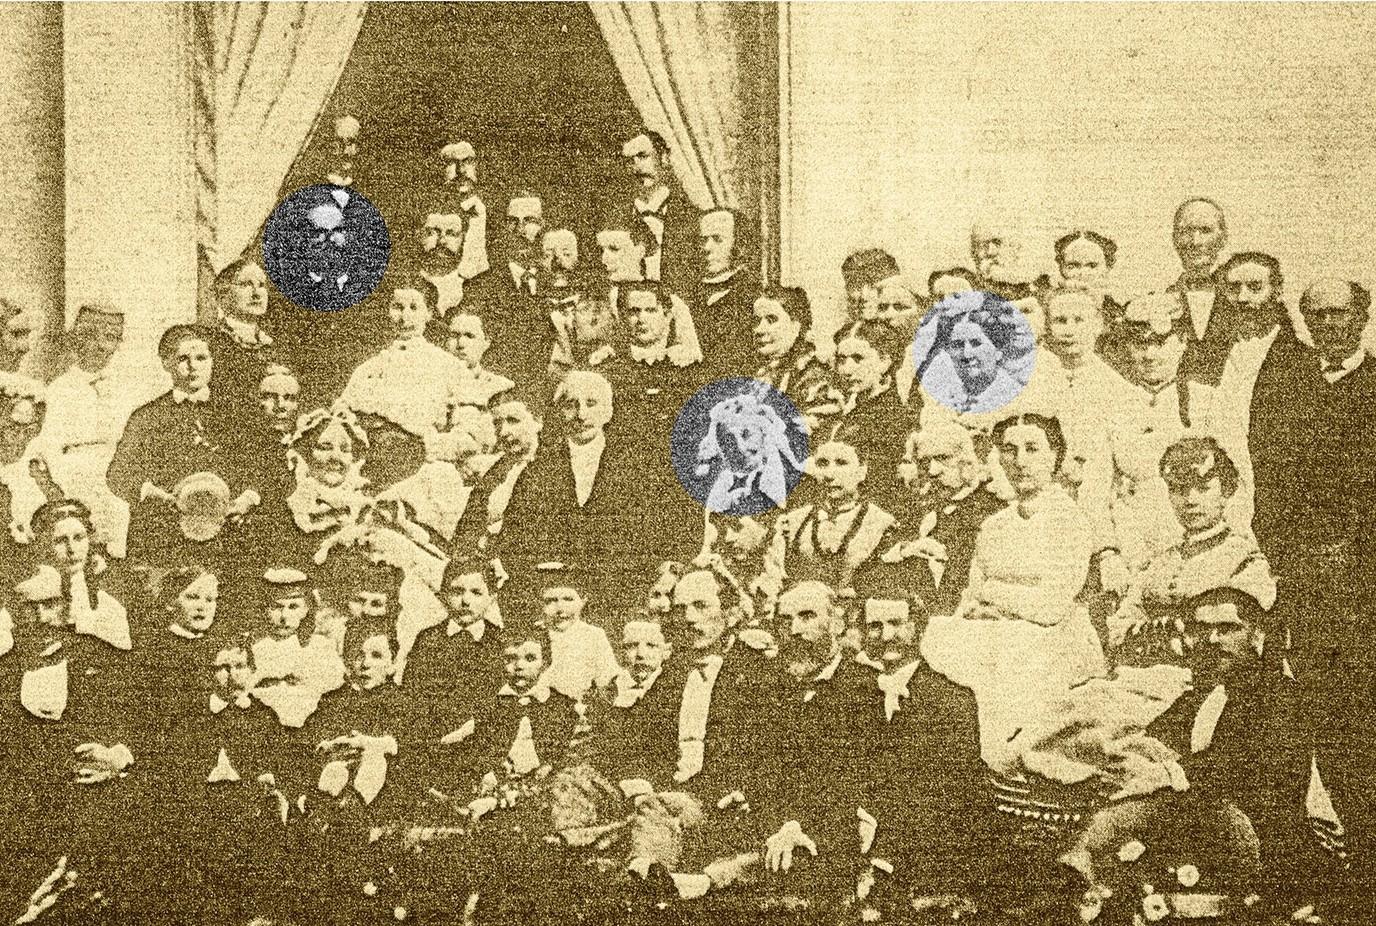 Phélan family around 1860